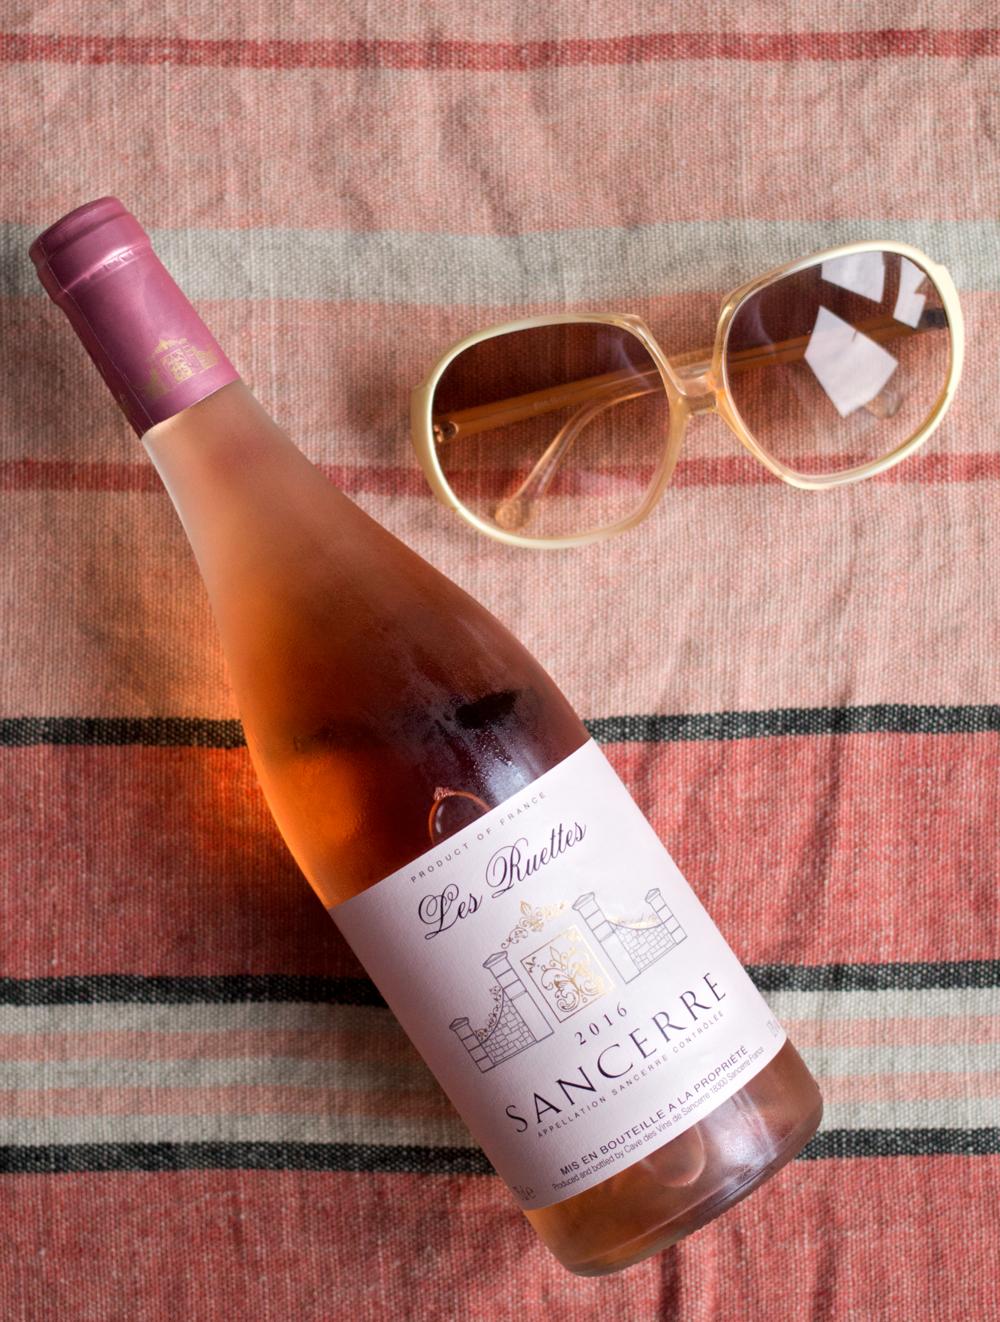 Les-Ruettes-Sancerre-Rosé-wine-review-by-Bottle-Bitches.png